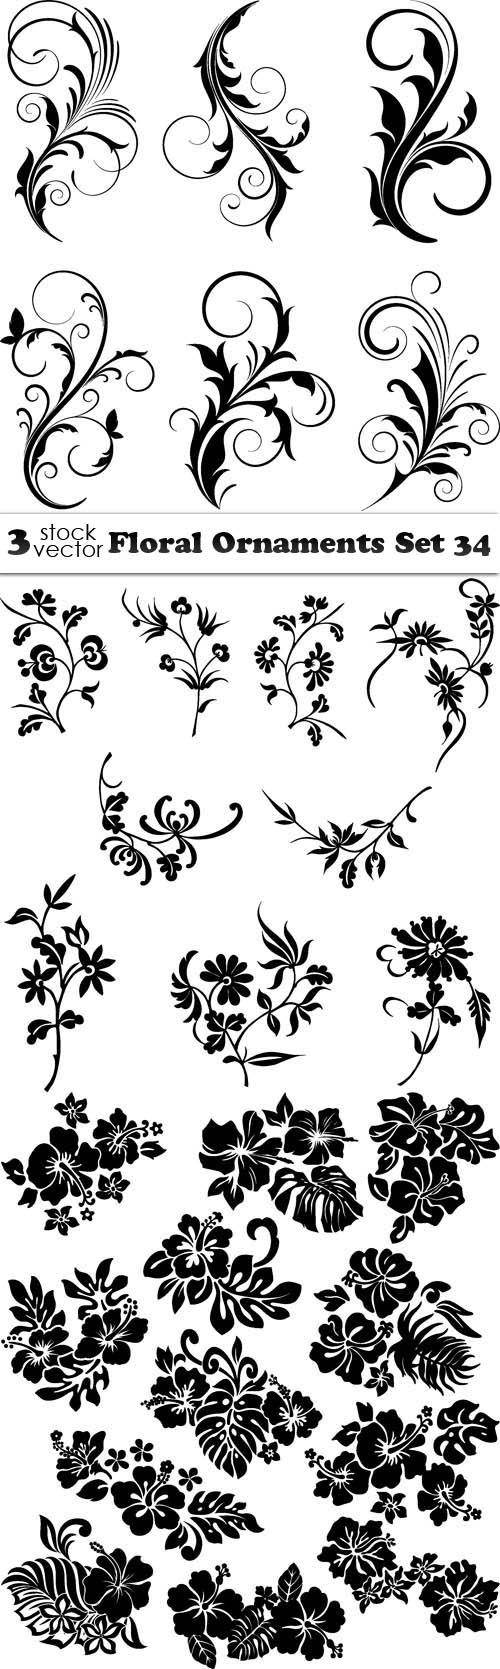 Vectors - Floral Ornaments Set 34